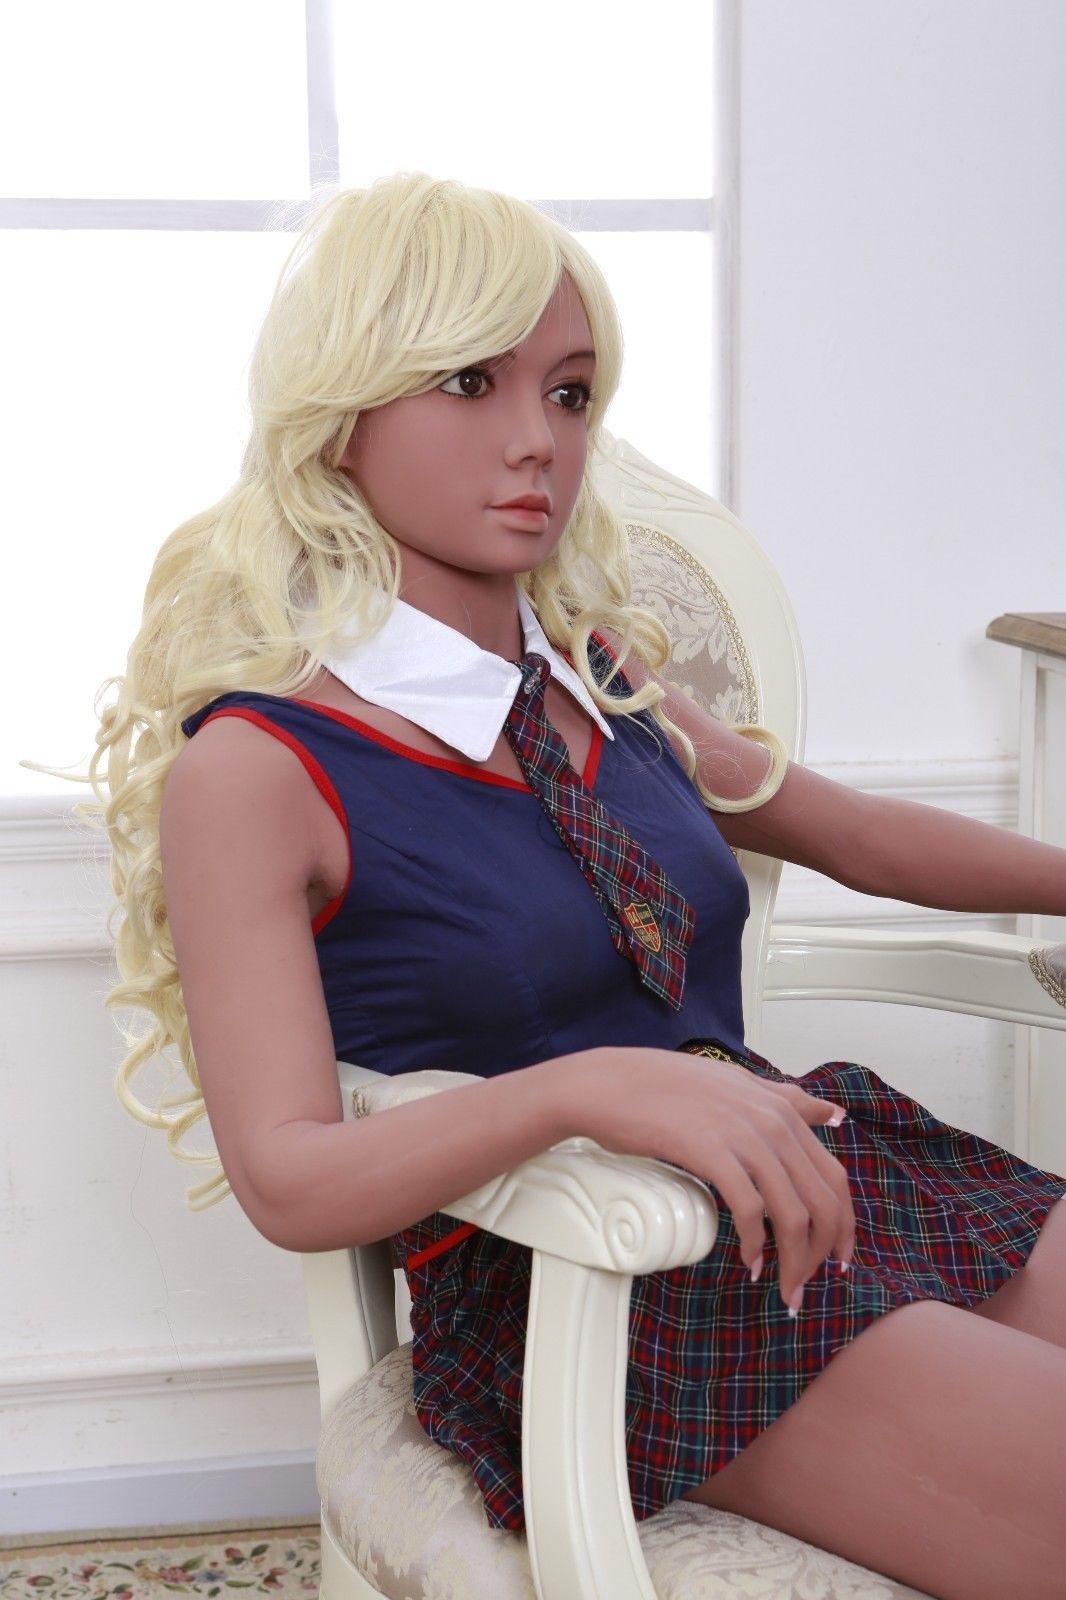 Image of [#012] Life like 158 cm height full body doll, Full Women Body figure doll